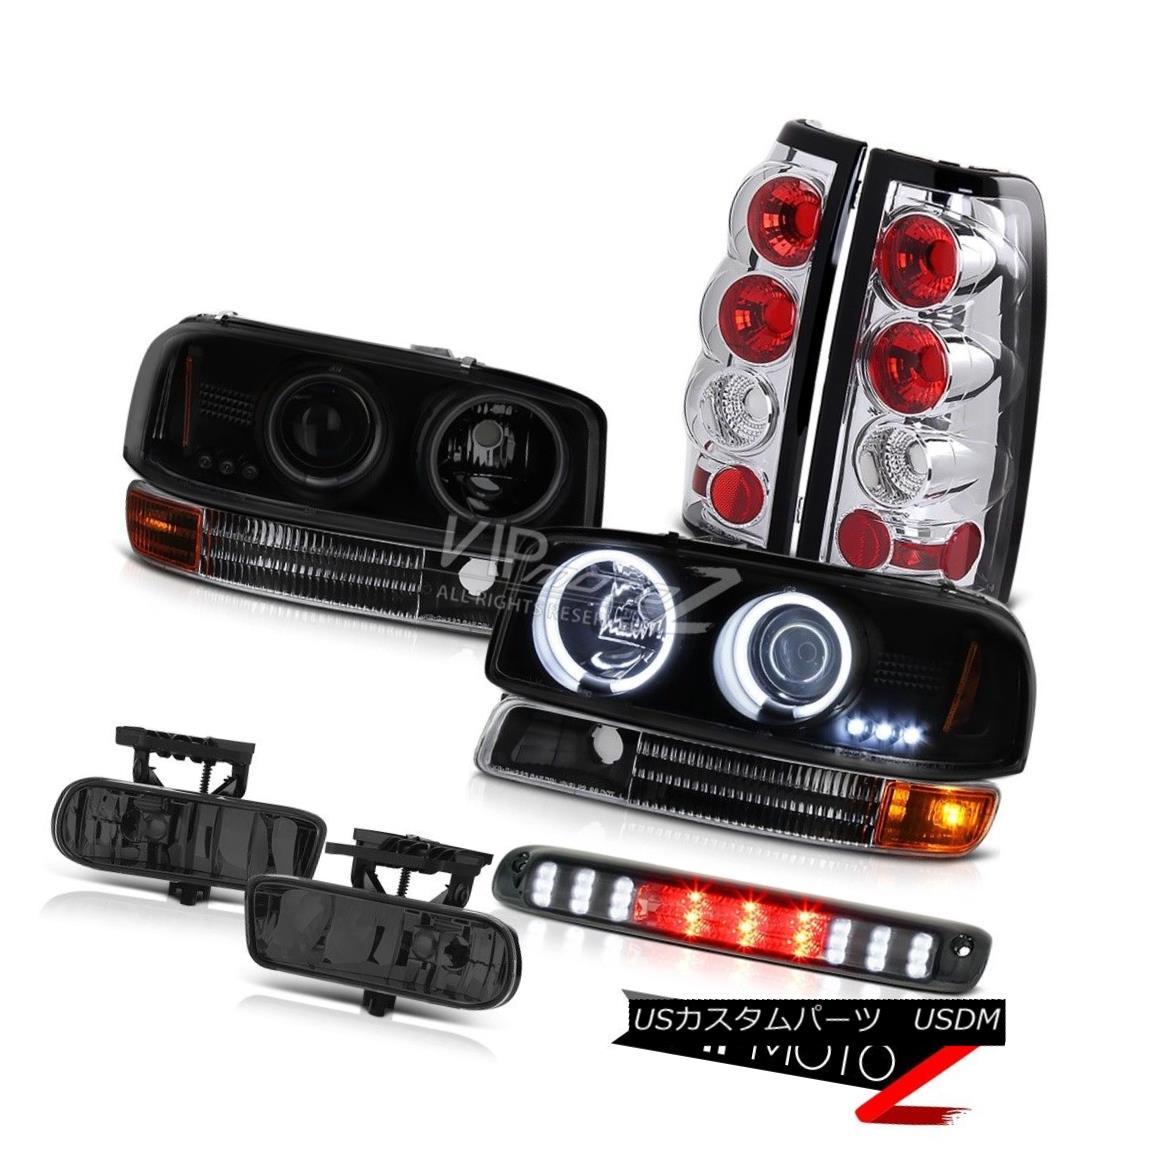 ヘッドライト 1999-2002 GMC GMT800 CCFL Angel Eye Headlights Signal Euro Taillights Tinted Fog 1999-2002 GMC GMT800 CCFLエンジェルアイヘッドライトシグナルユーロティールライトティンテッドフォグ